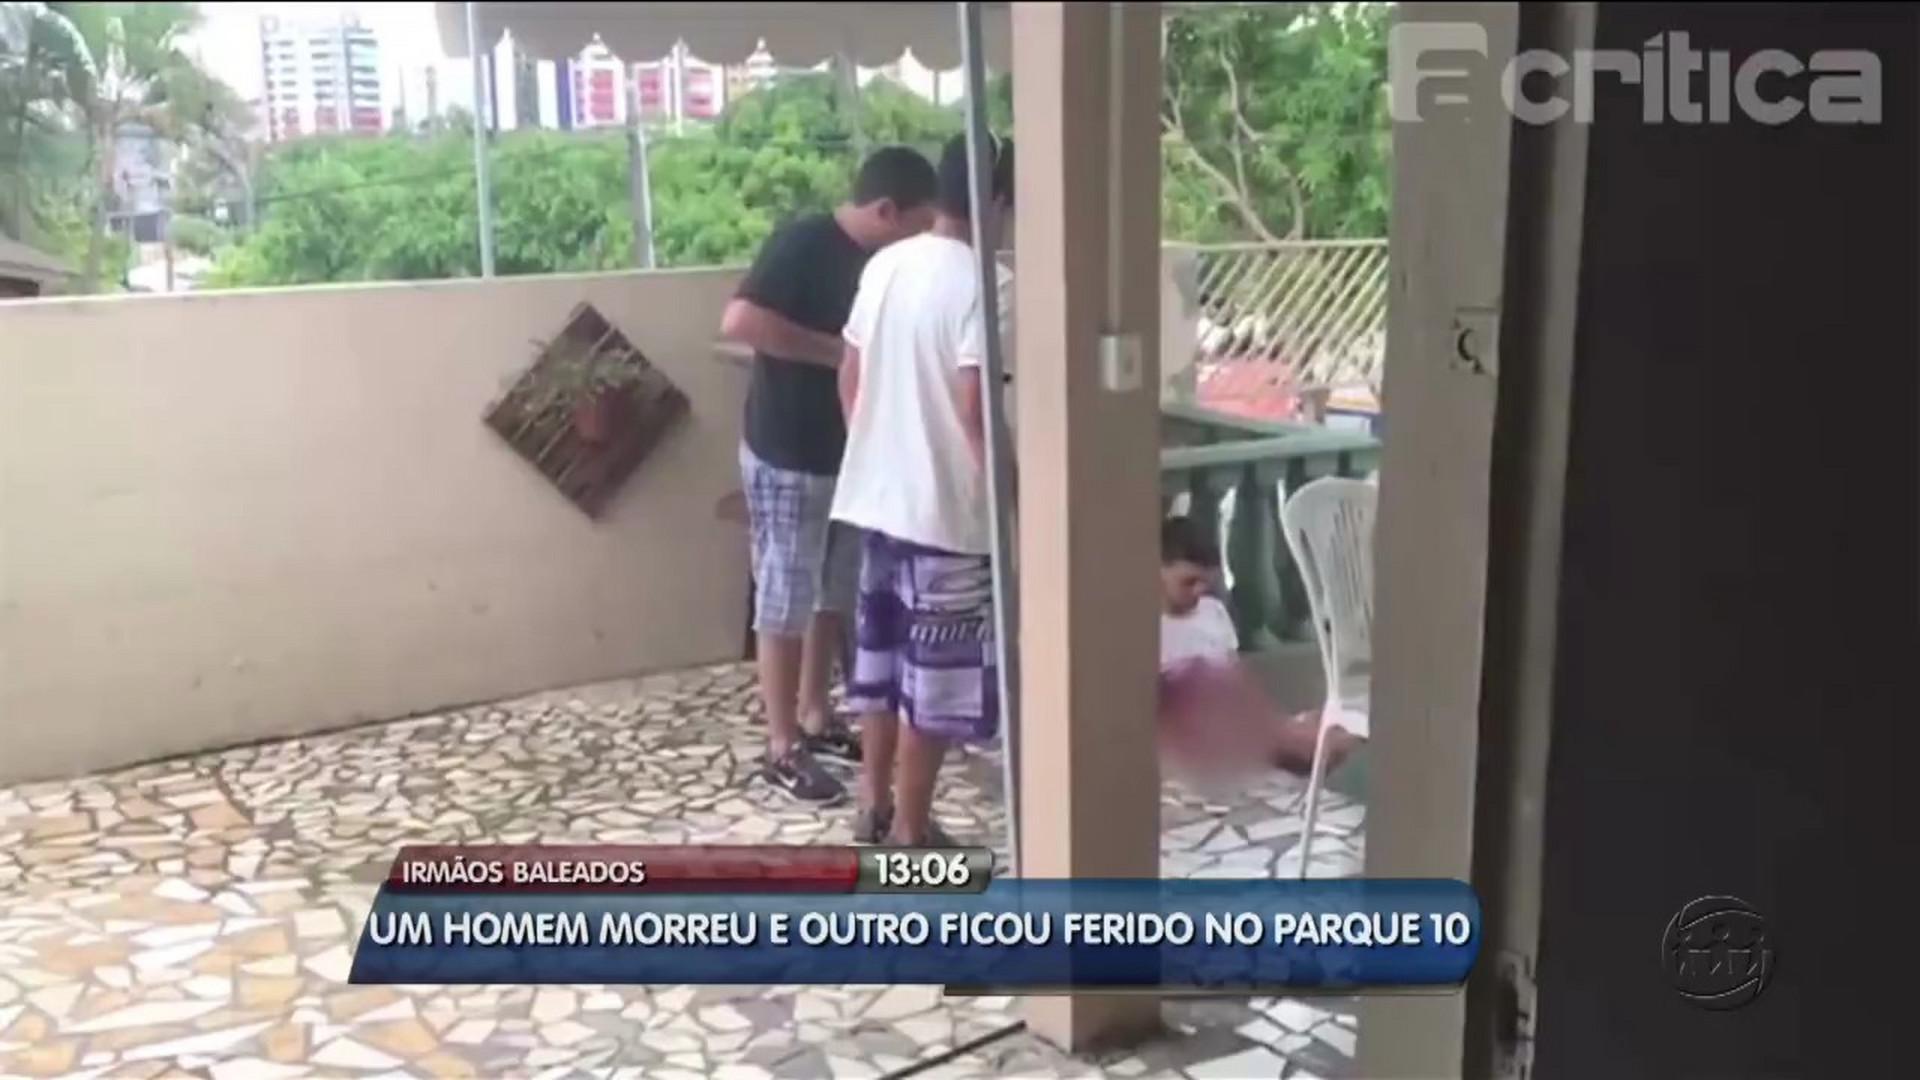 DOIS IRMÃOS SÃO BALEADOS NO PARQUE 10 - Alô Amazonas - 14/08/17